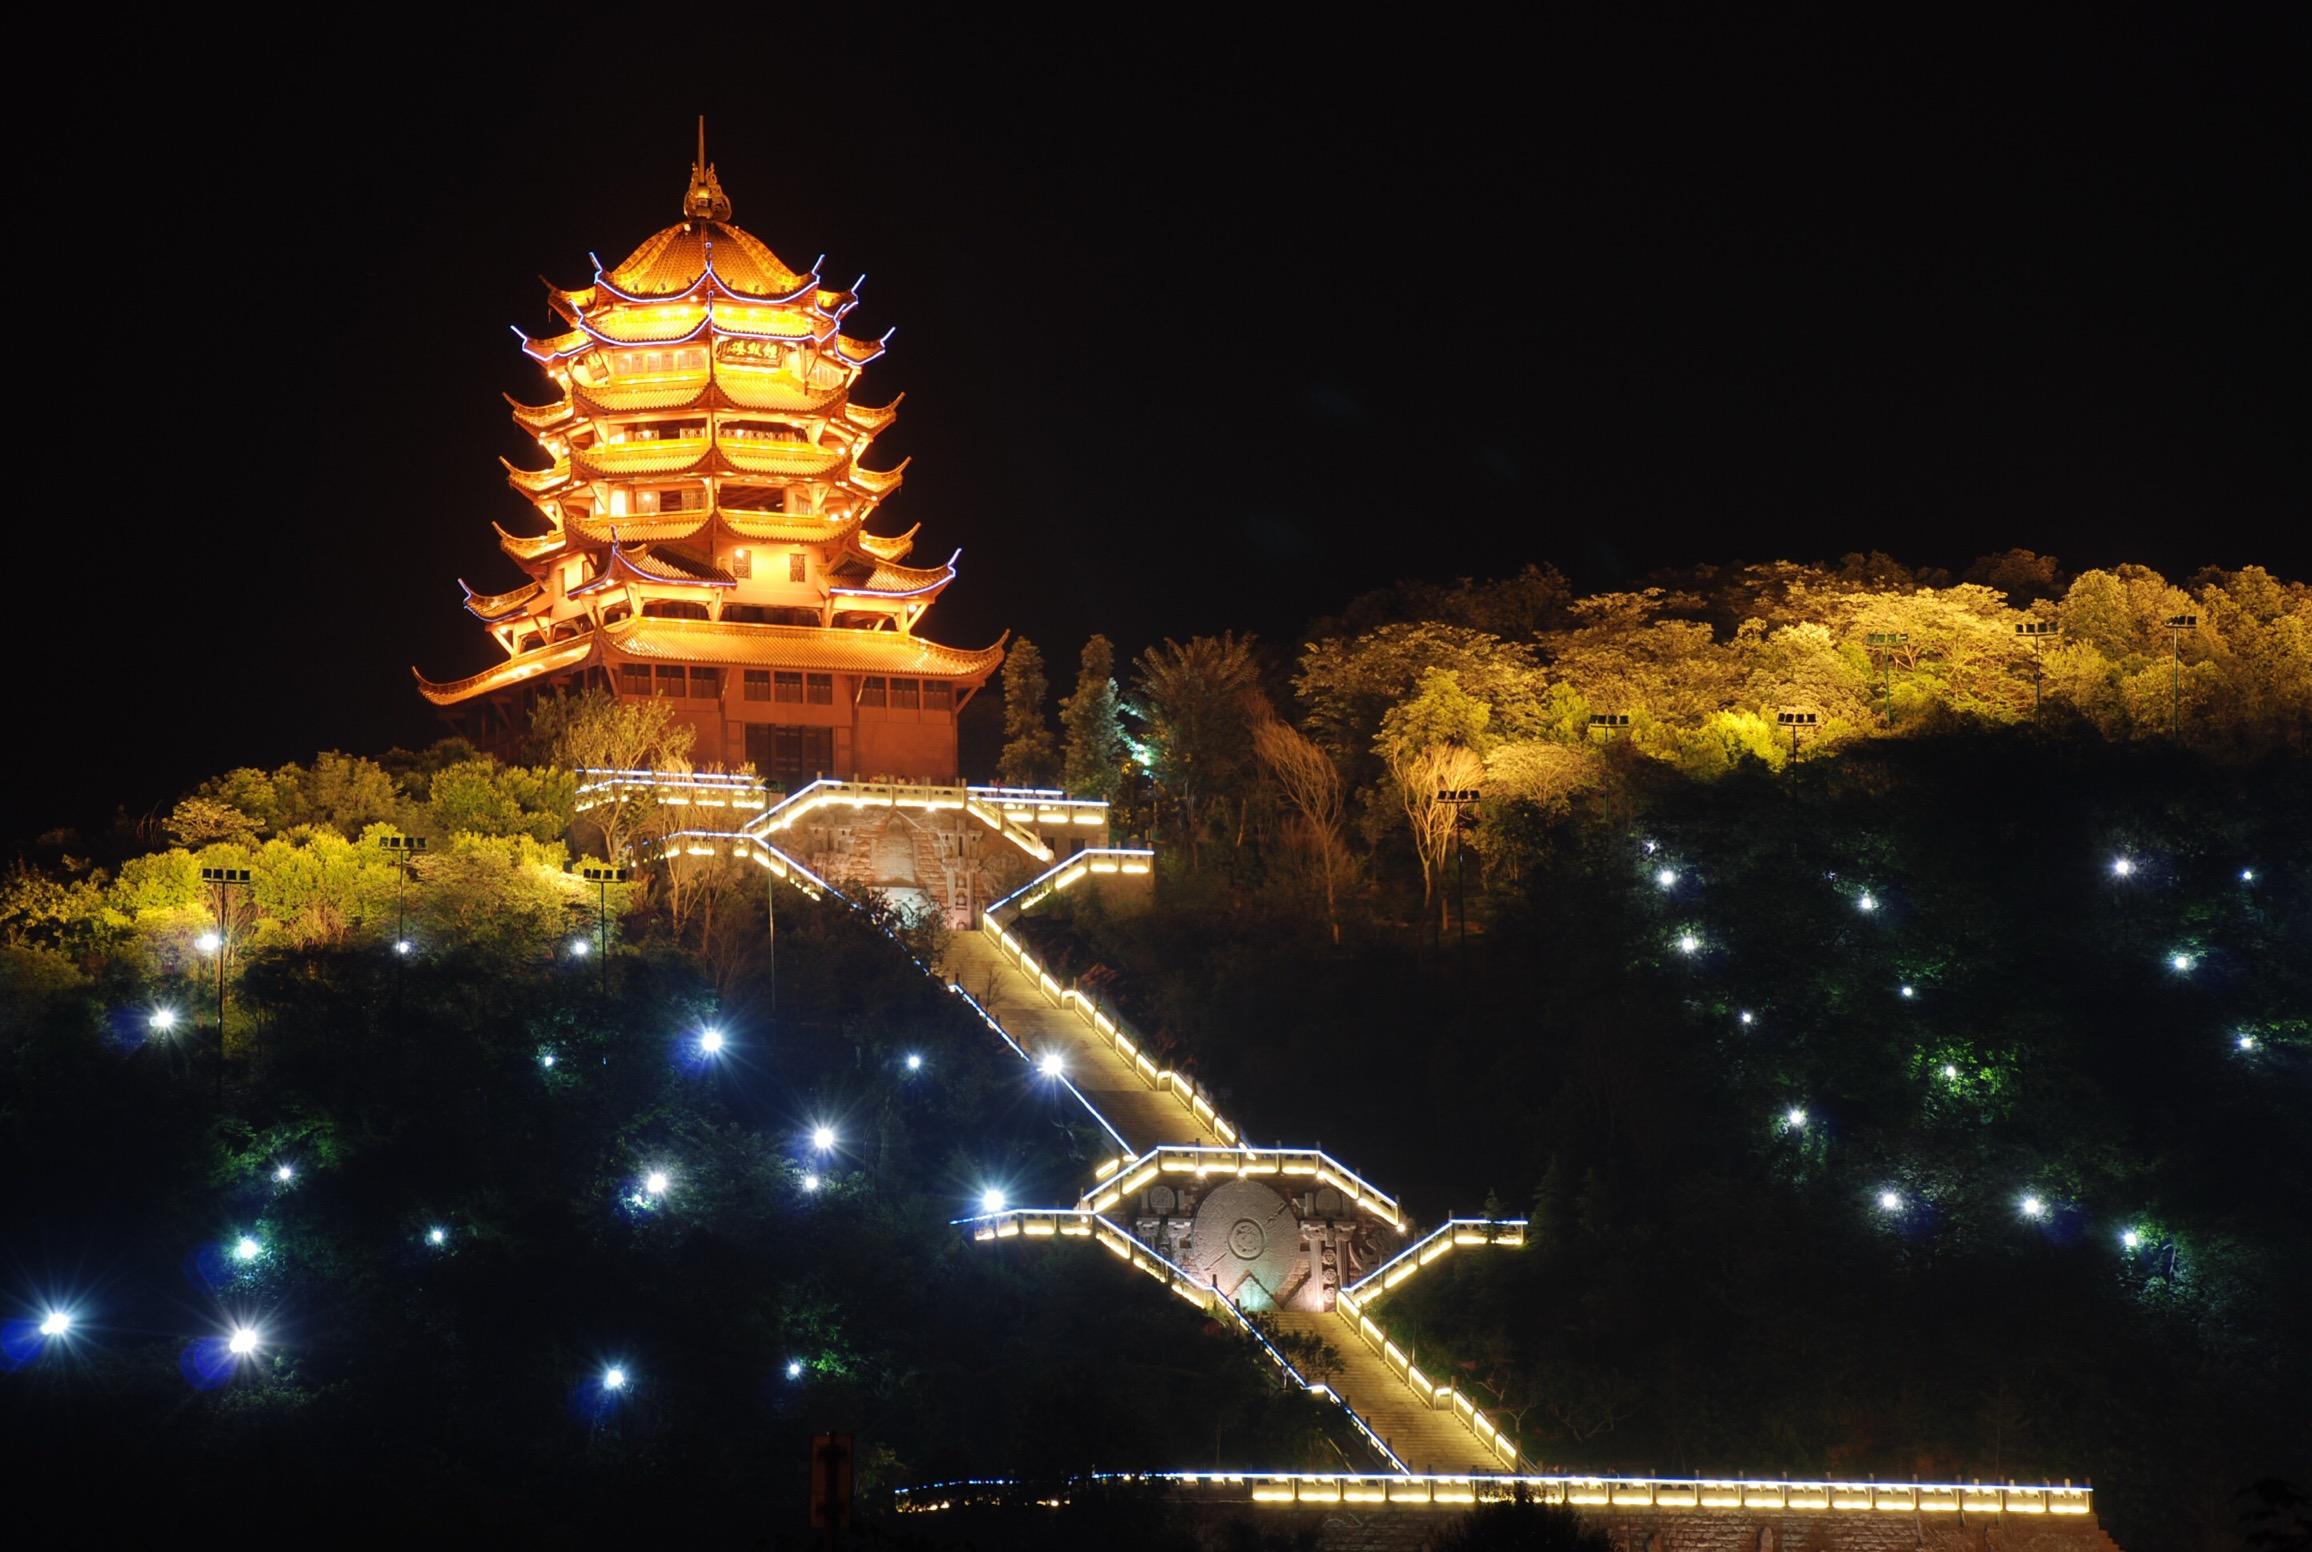 區)冬季旅游資源和各種民俗節慶活動二十余個,是德陽冬季旅游的一場